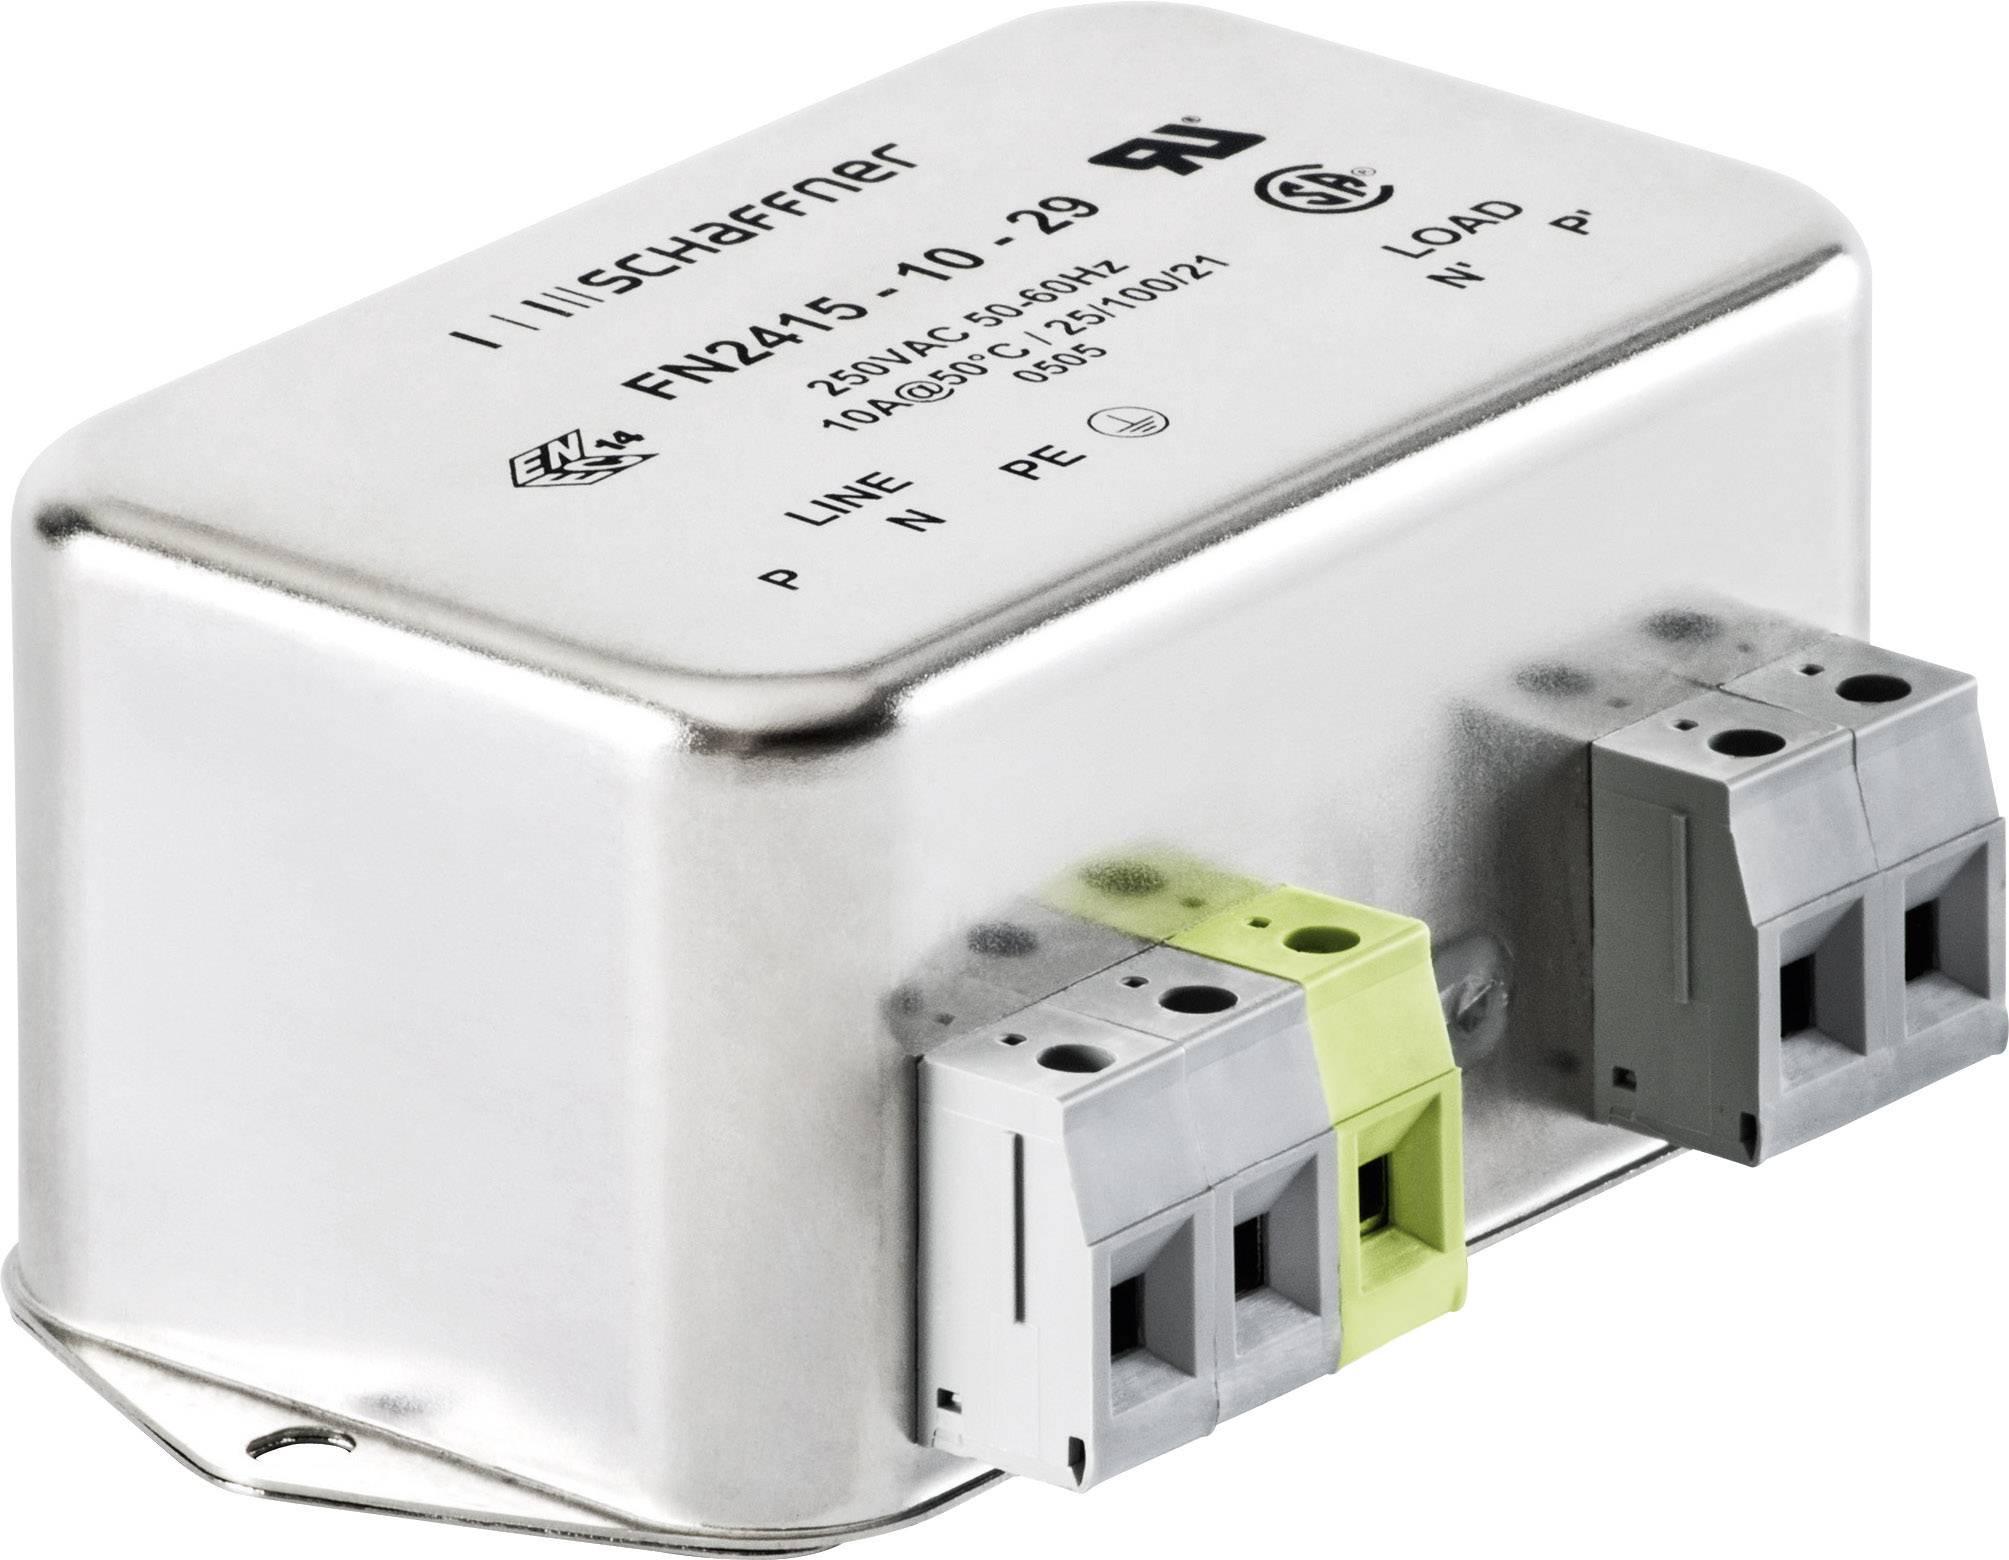 Jednofázový síťový filtr Schaffner, FN2415-16-29, 250 V/AC, 16 A